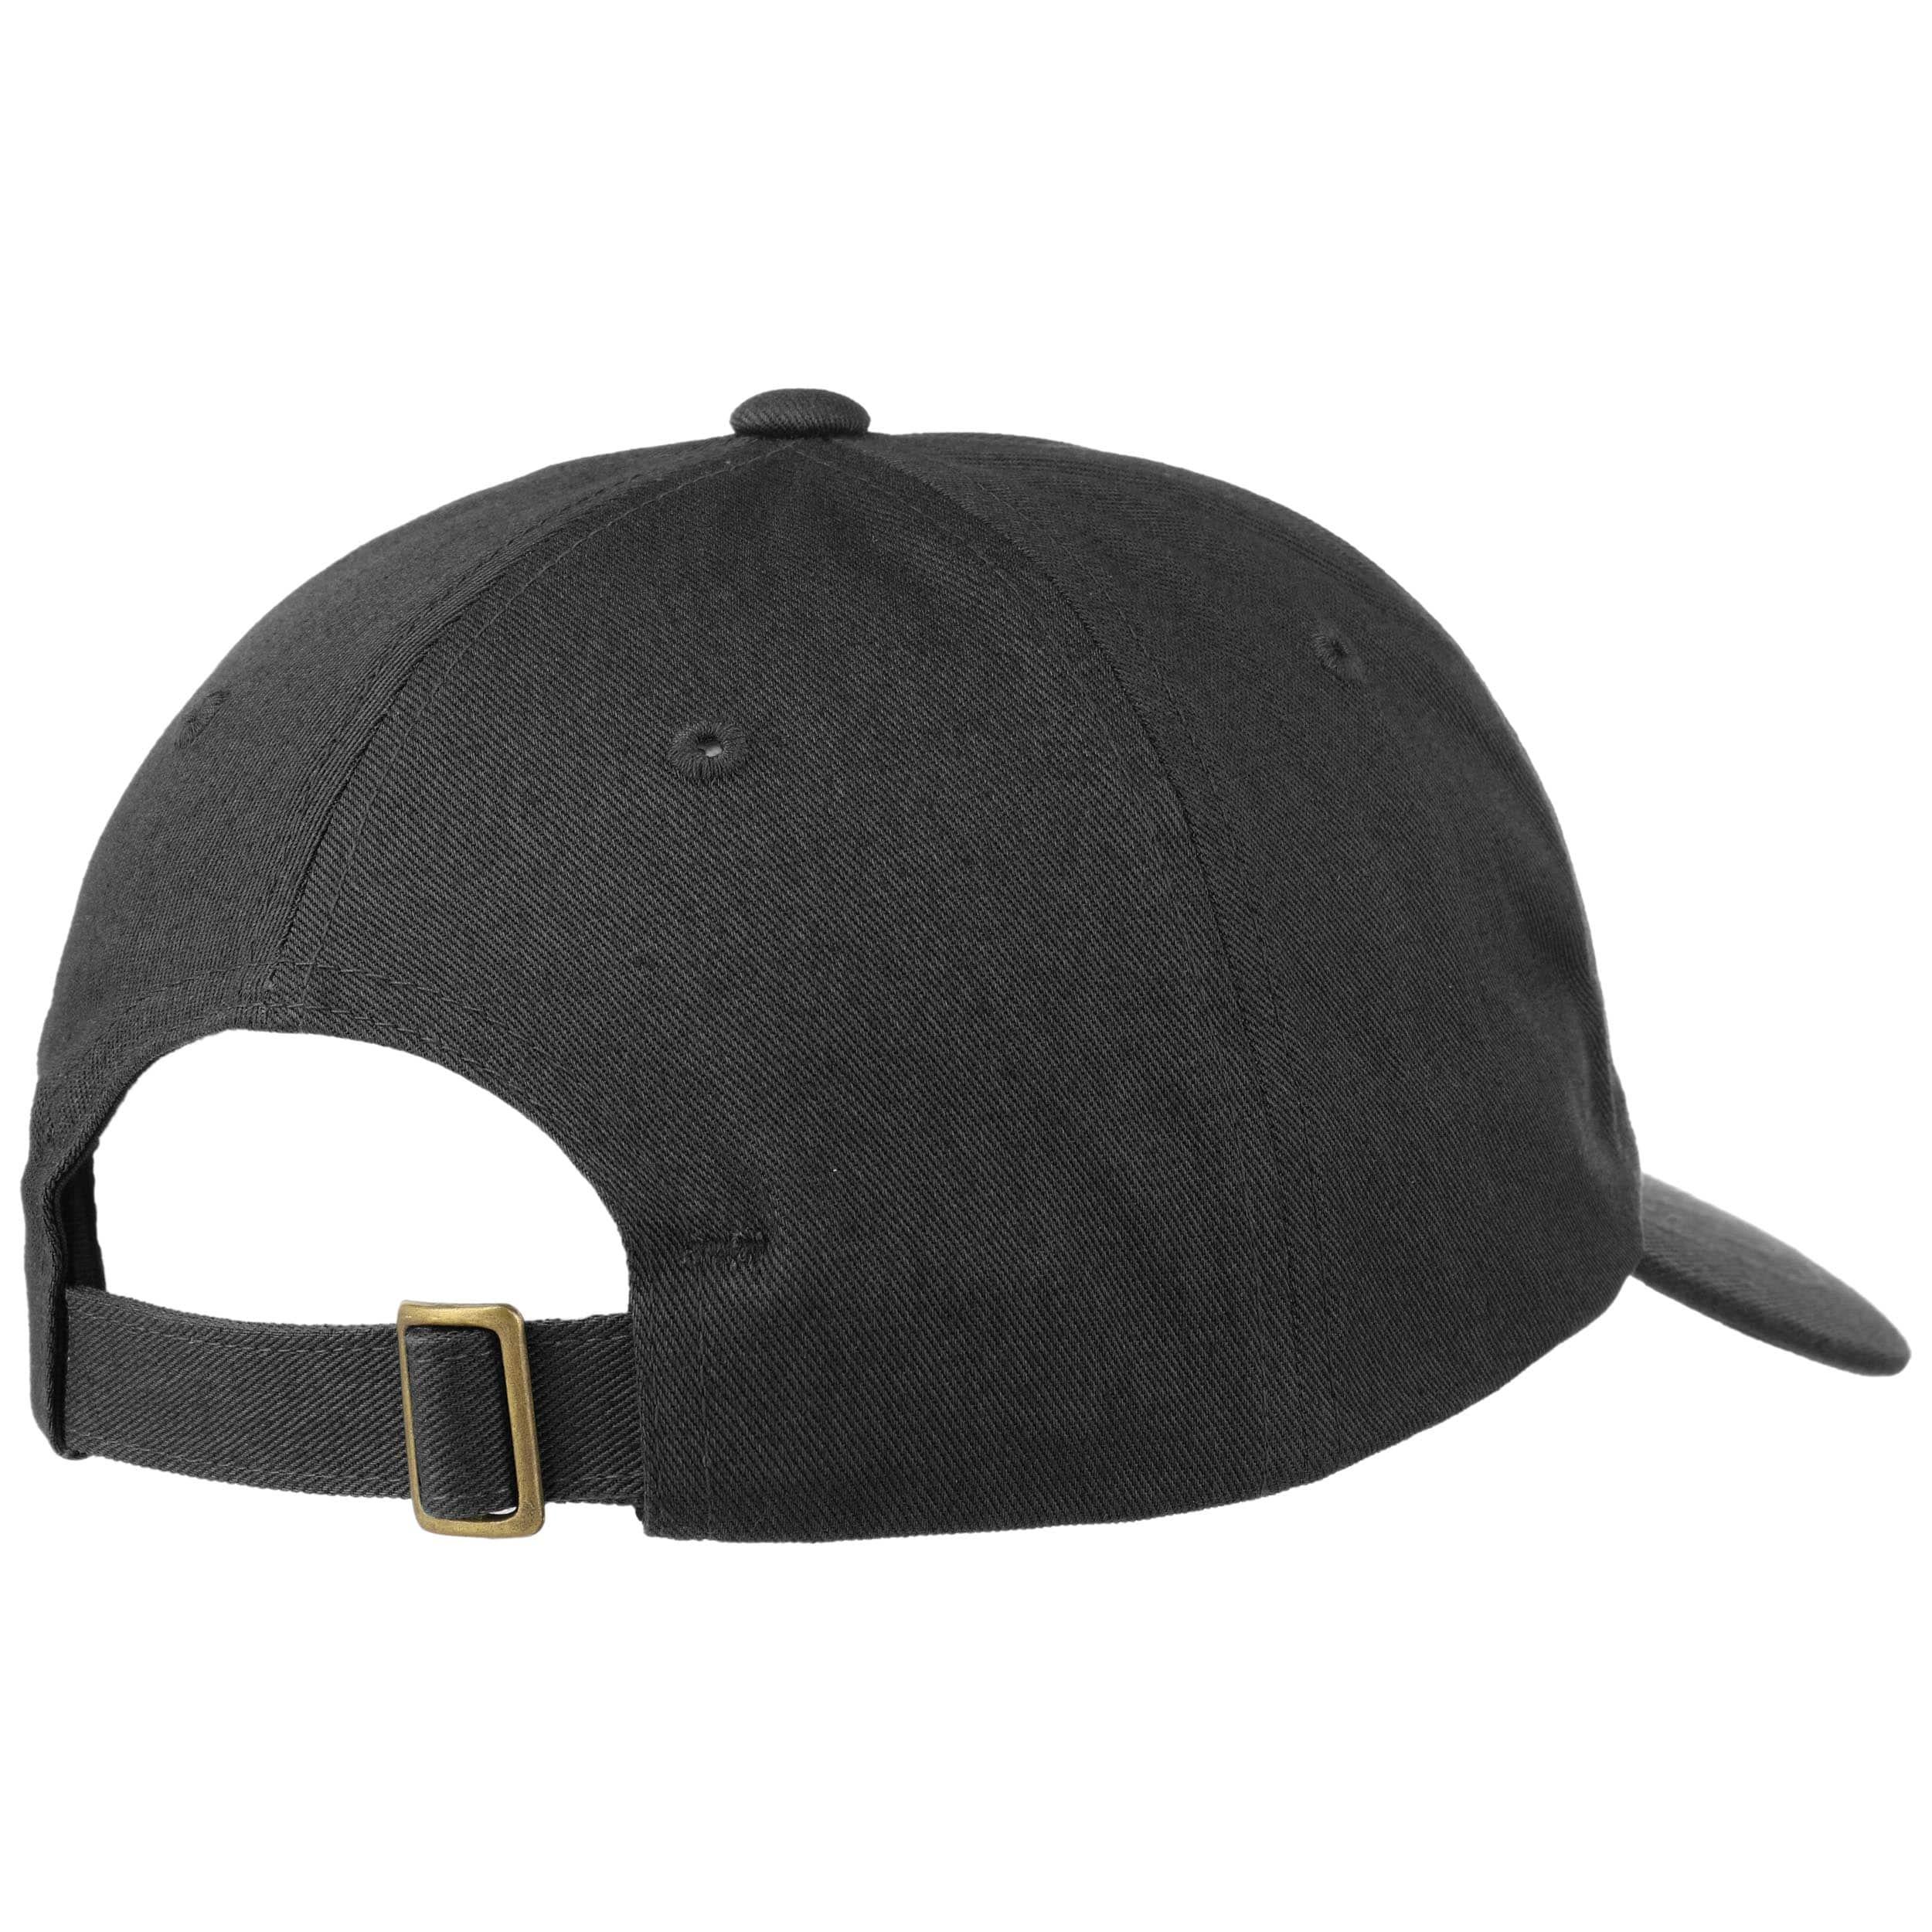 ... Portero Strapback Cap by Brixton - black 3 ... 98e294eb8a6